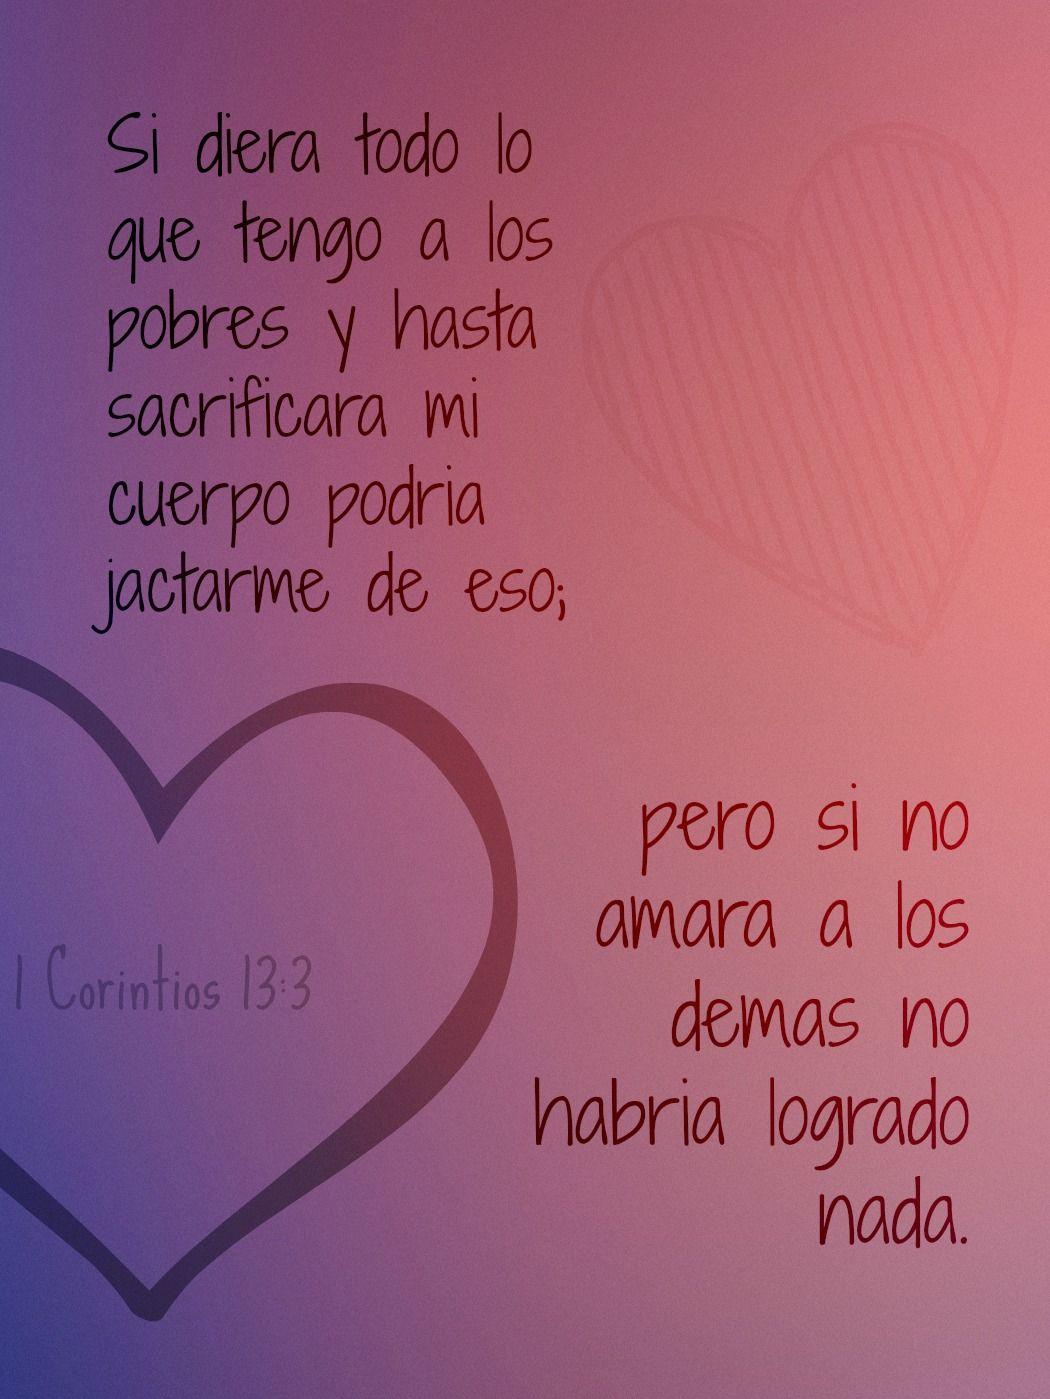 Versiculos De La Biblia De Animo: 1 Corintios 13:3, Versículo Biblico